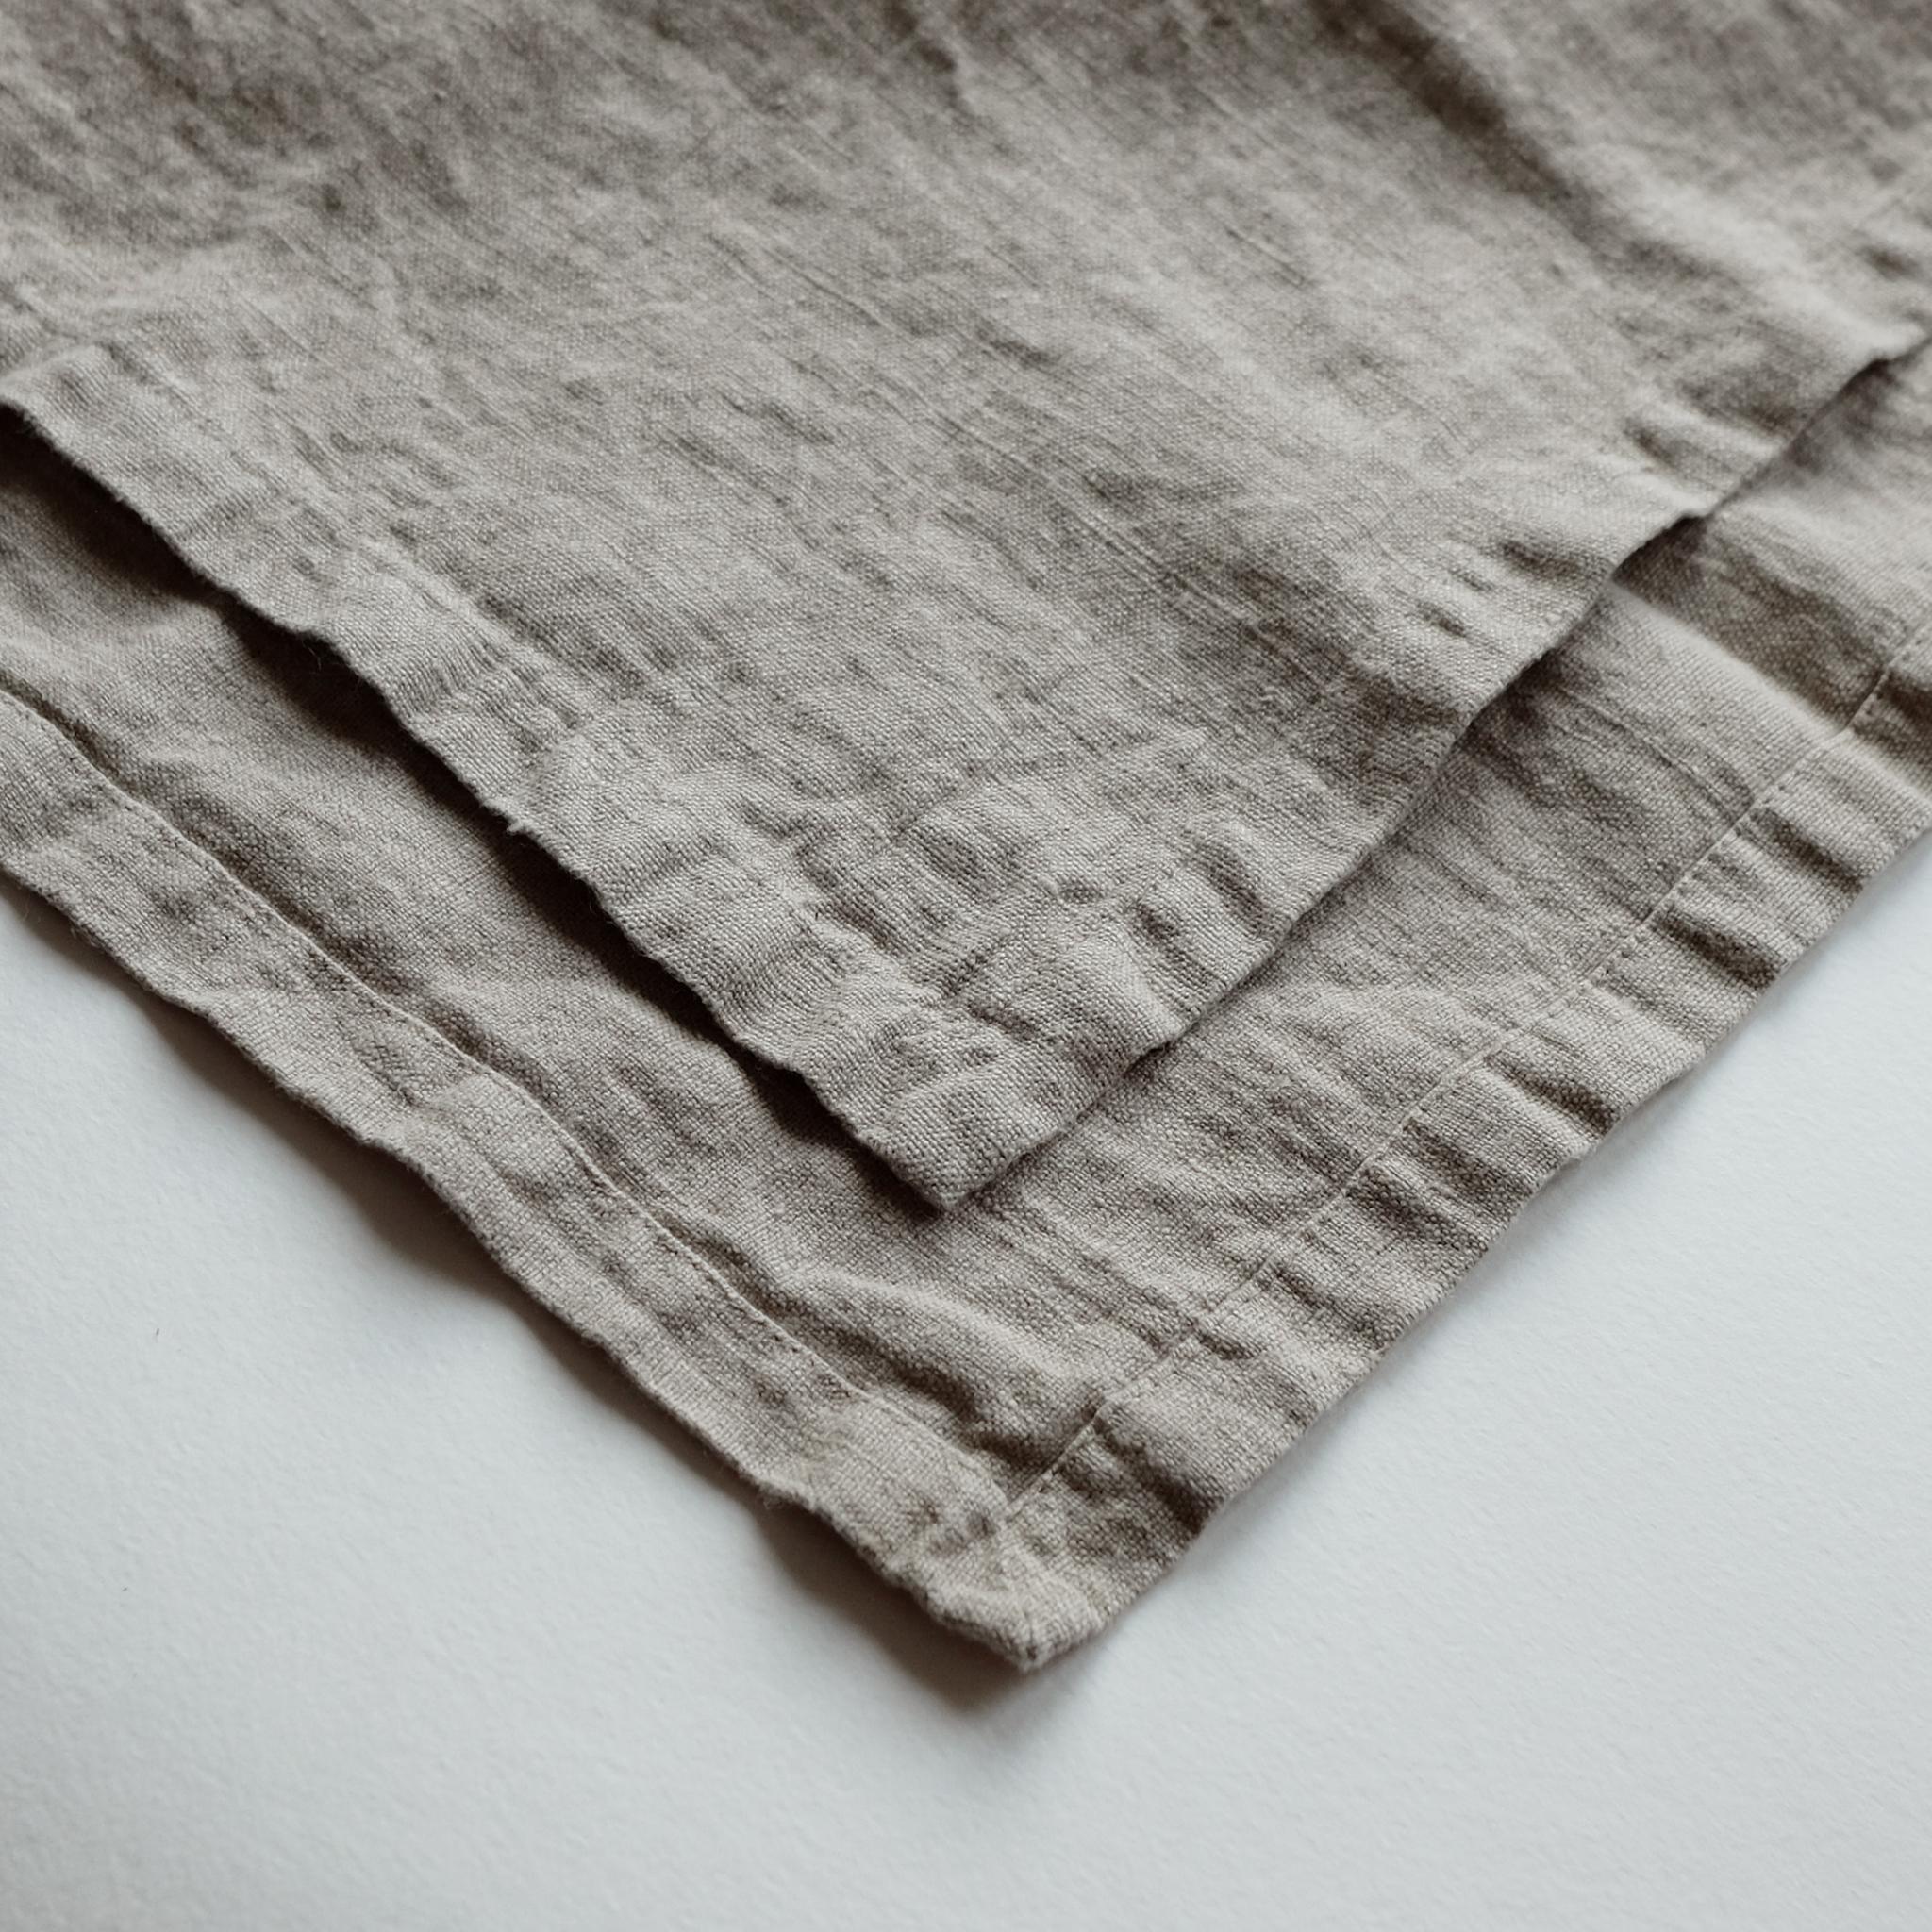 салфетка из умягченного льна натуральная